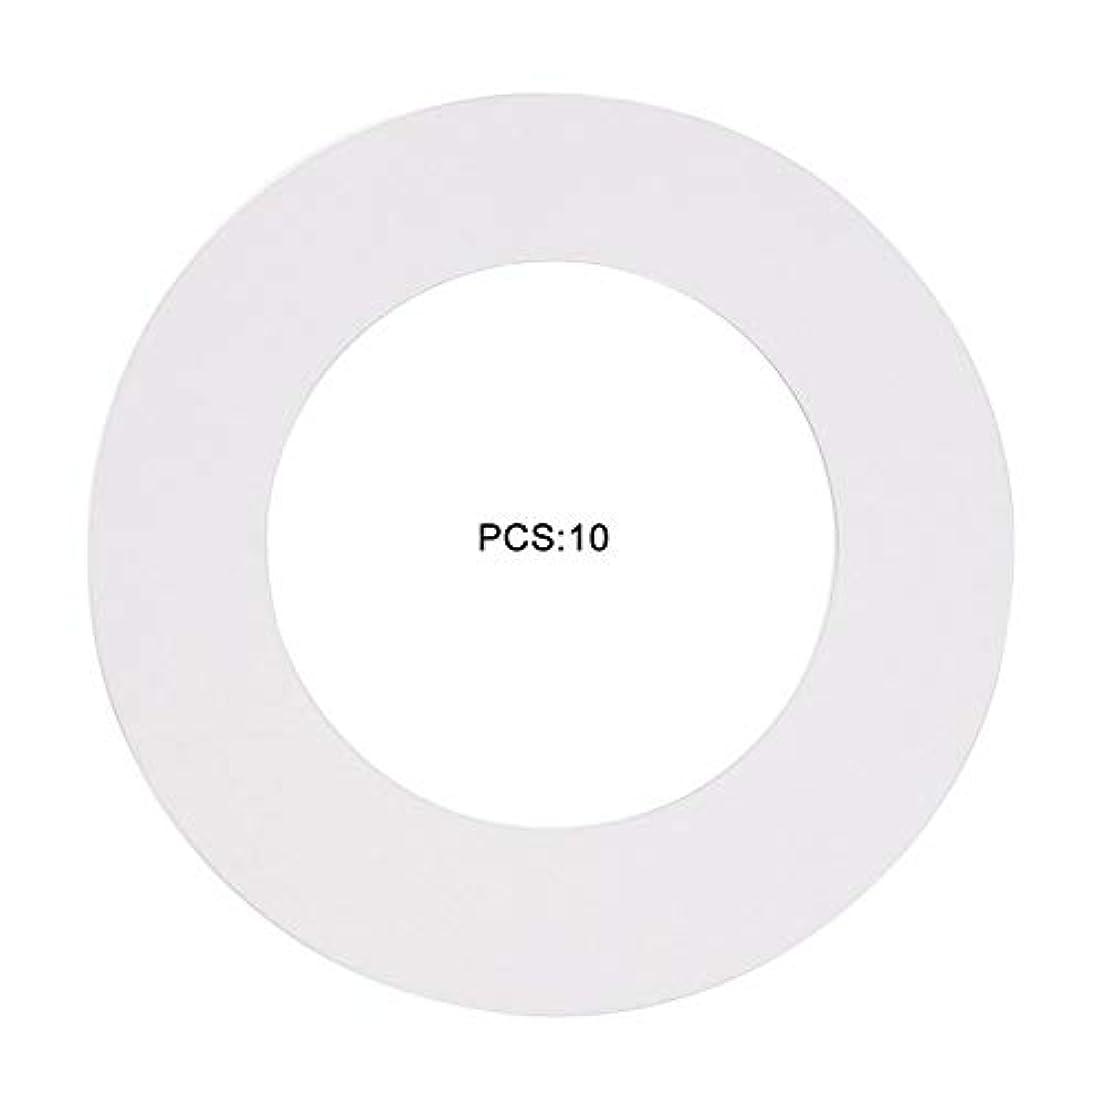 トレイレクリエーション図ポットワックスウォーマークリーンプレミアムカラーは、ほとんどの14オンスに適合できますプロプロテクトクリーンポットワックスウォーマーカラー